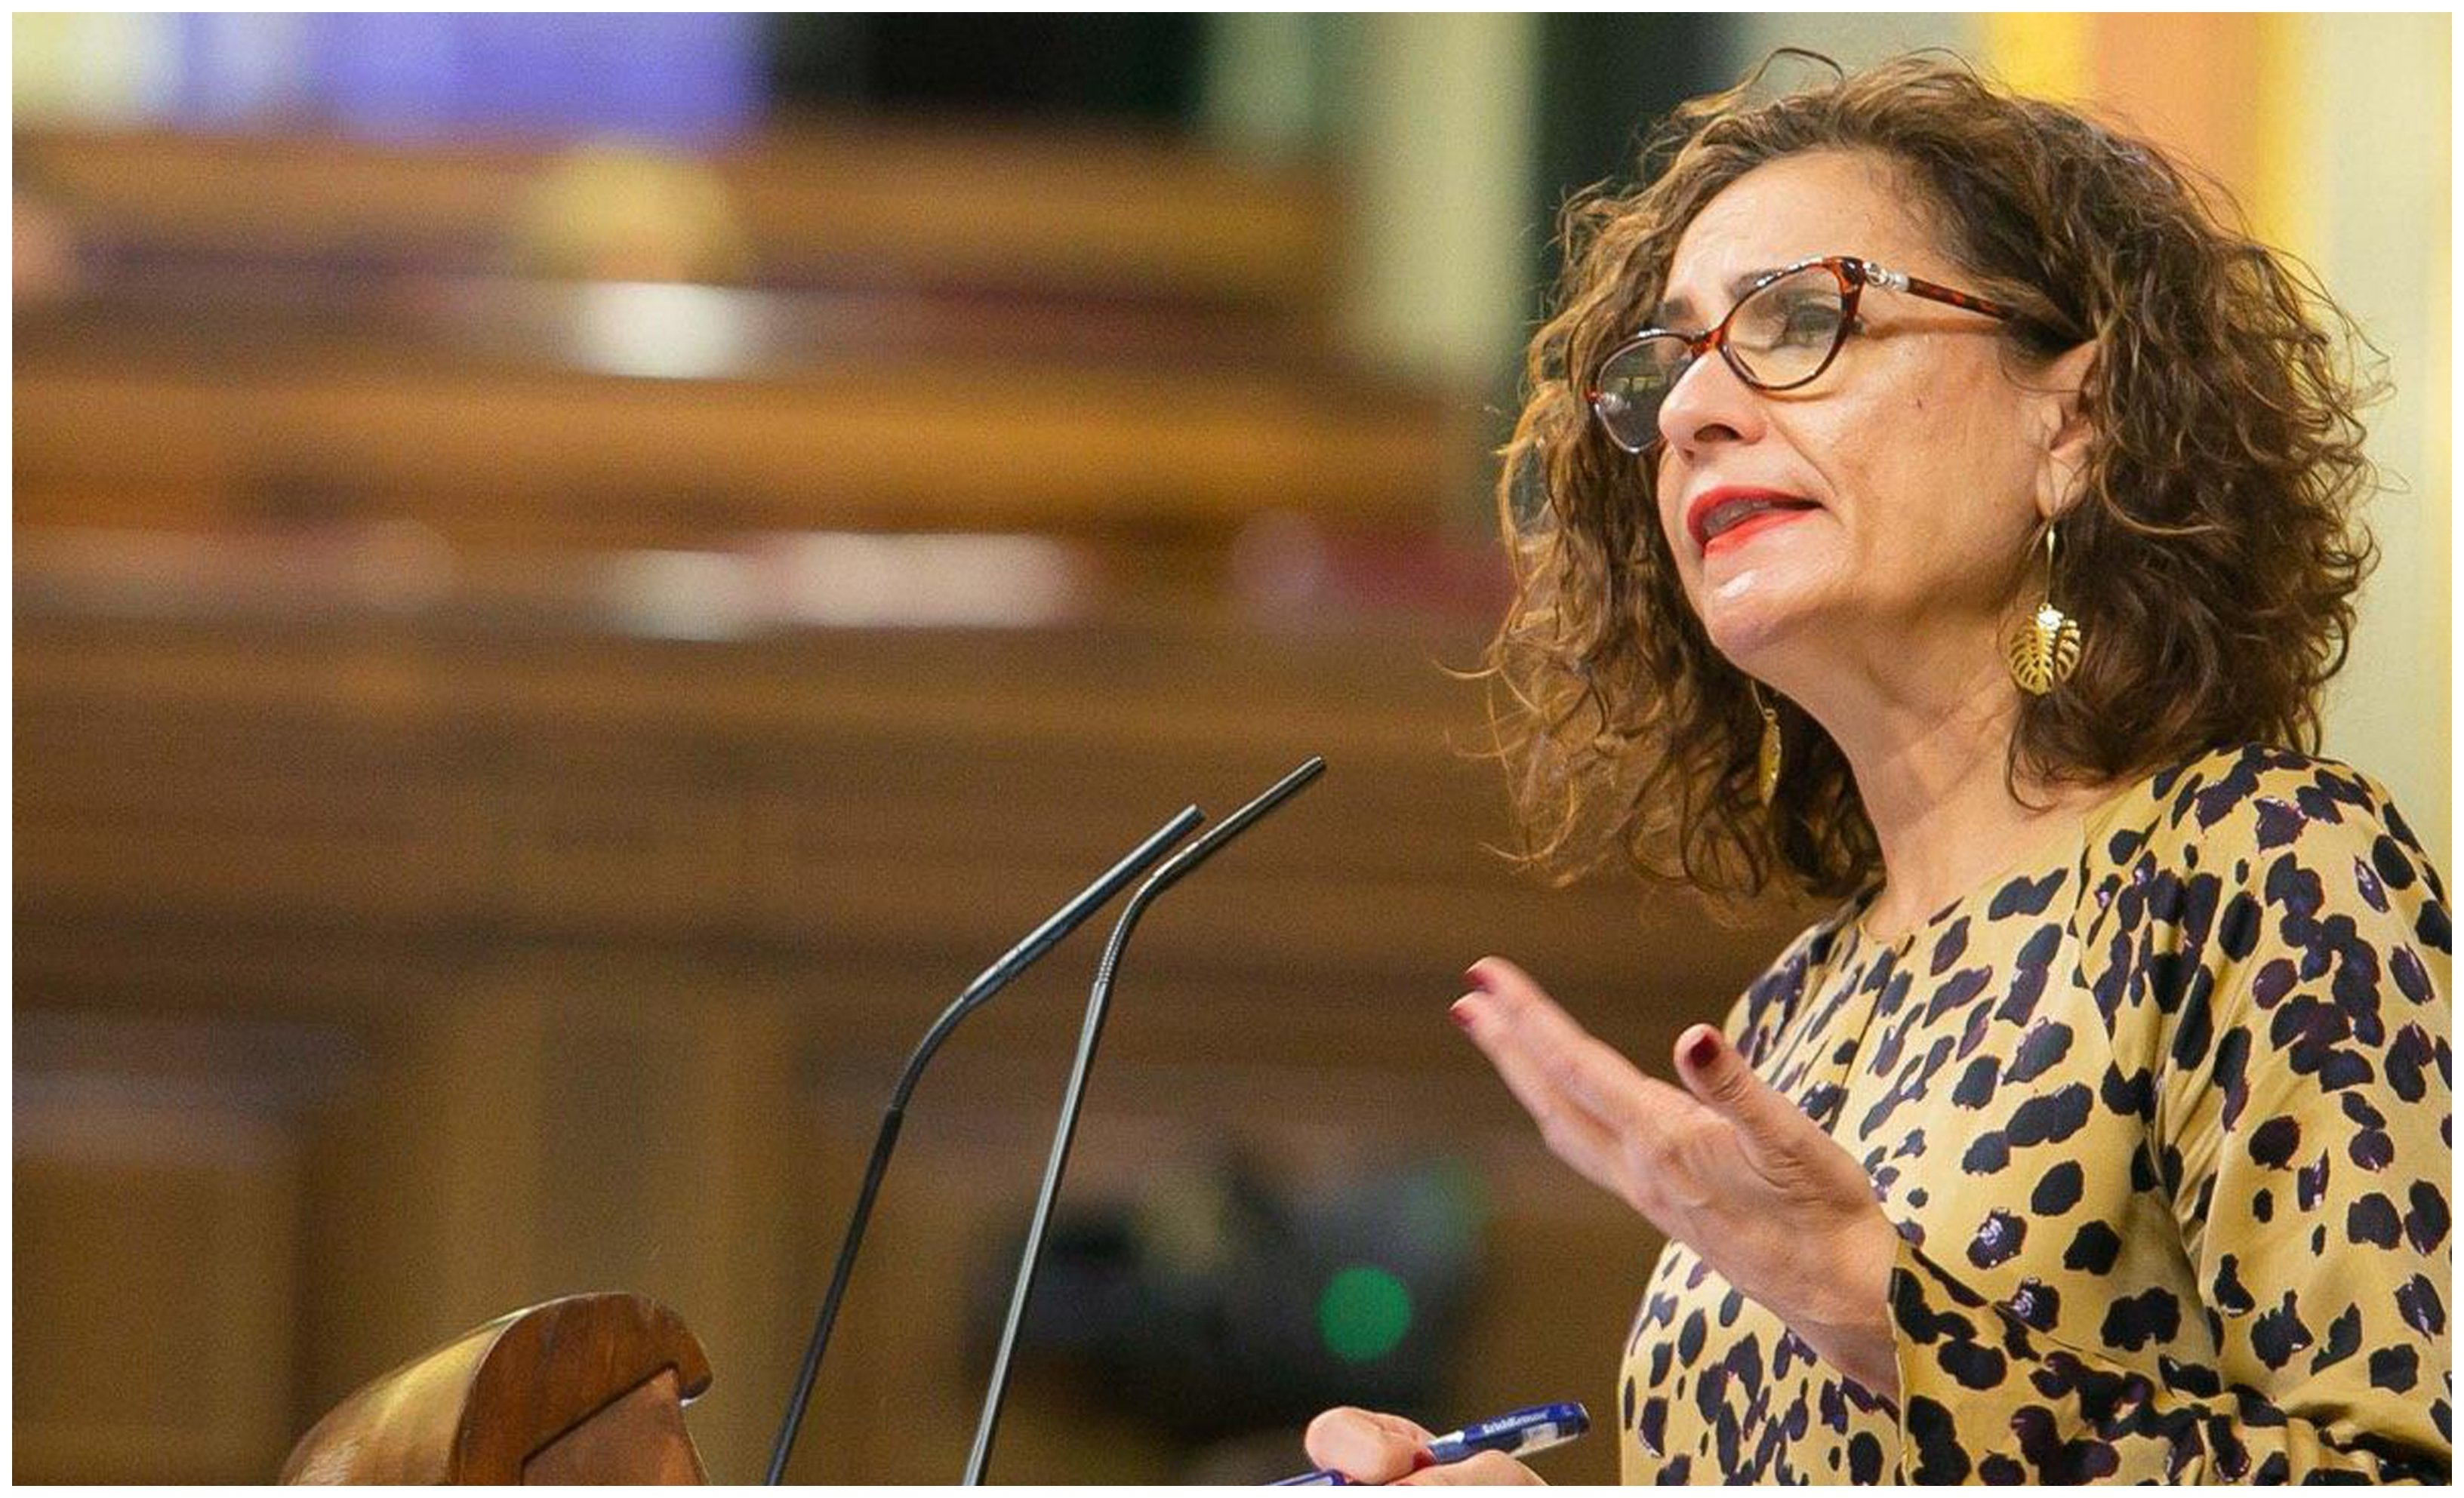 Hacienda consigue aprobar el techo de gasto, gracias a ERC: prepárense para pagar más impuestos